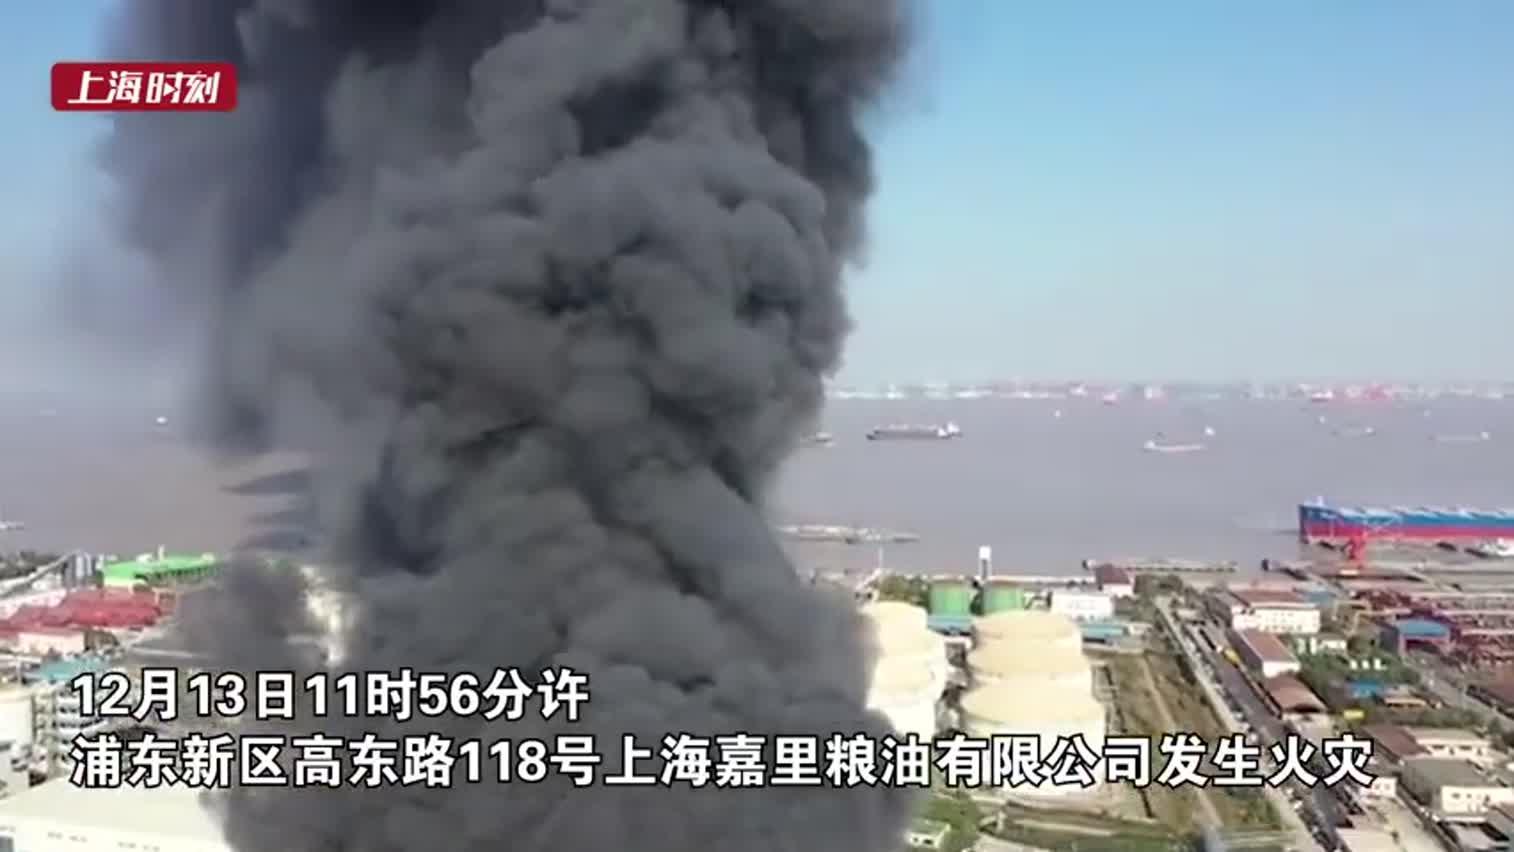 视频-上海外高桥一粮油公司发生火情 现场浓烟滚滚